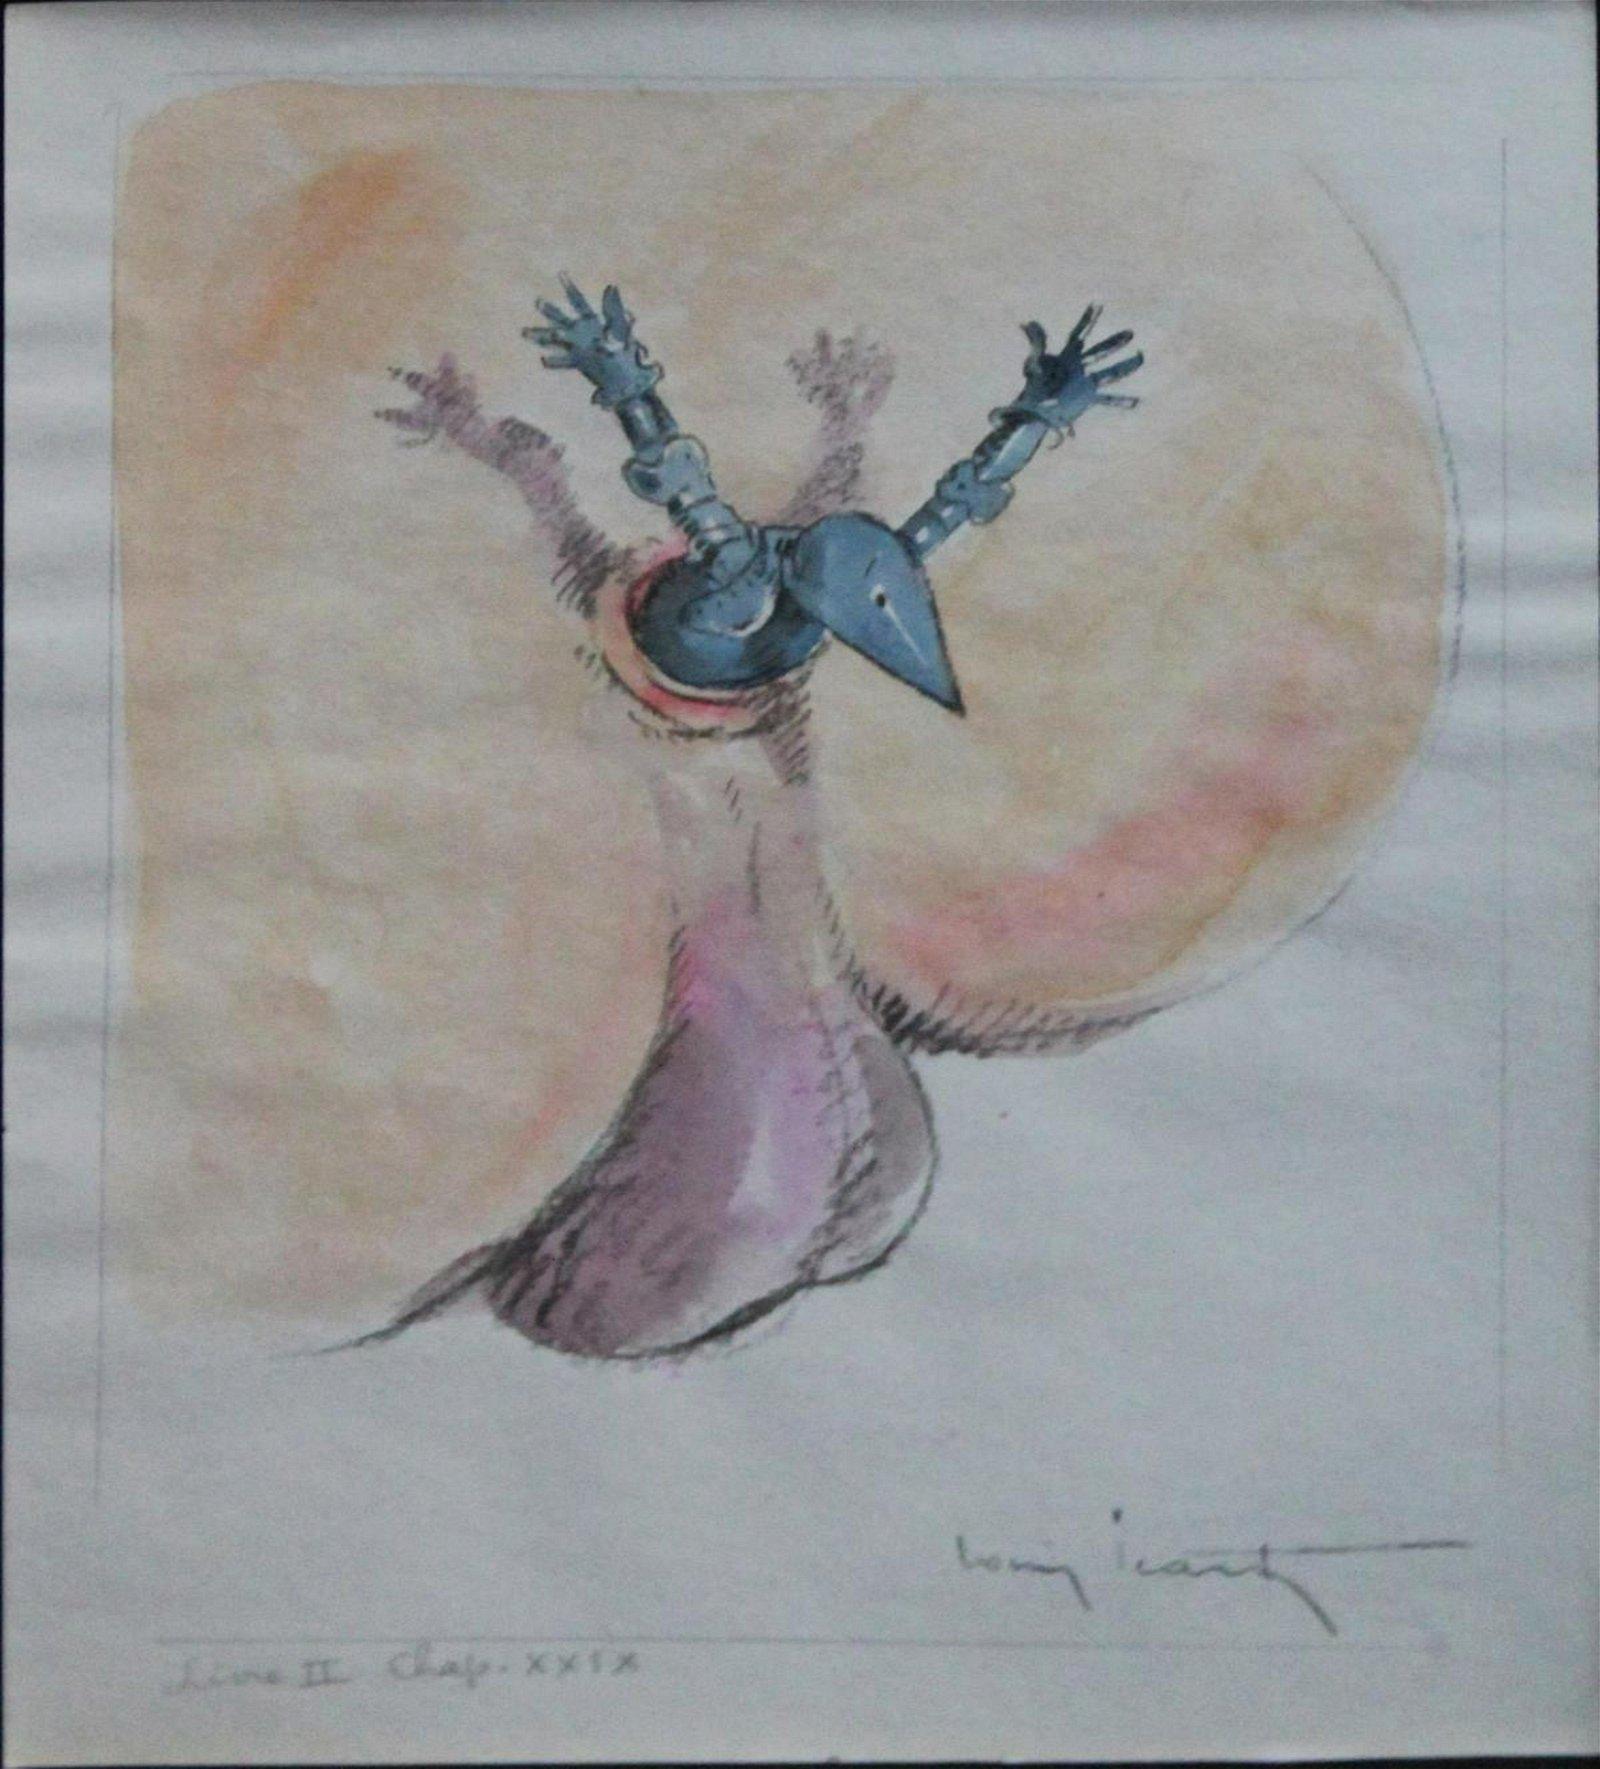 Louis Icart - Gargantua Watercolor